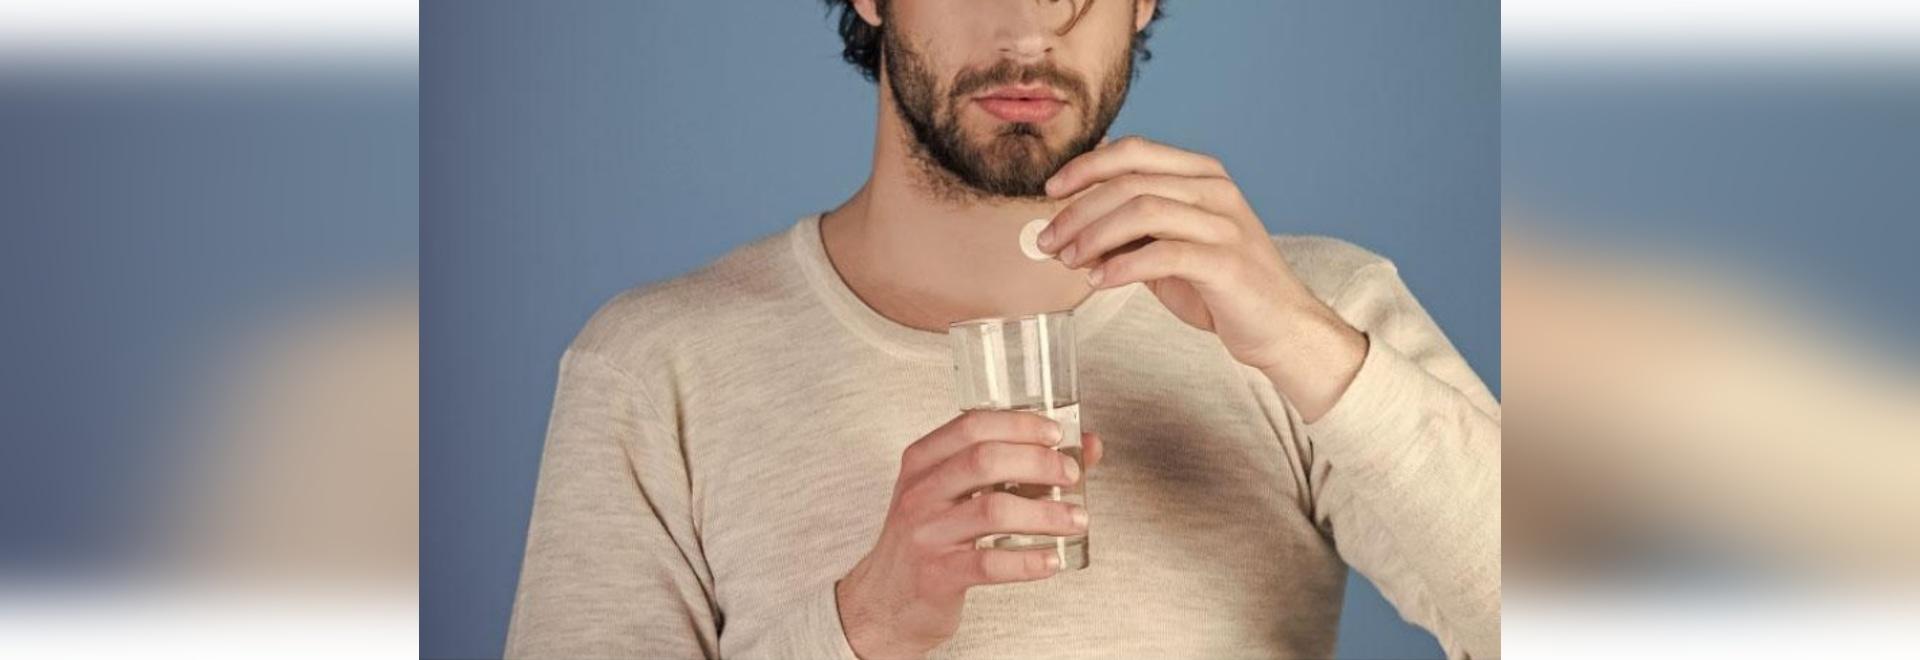 La segunda píldora anticonceptiva masculina pasa las pruebas de seguridad